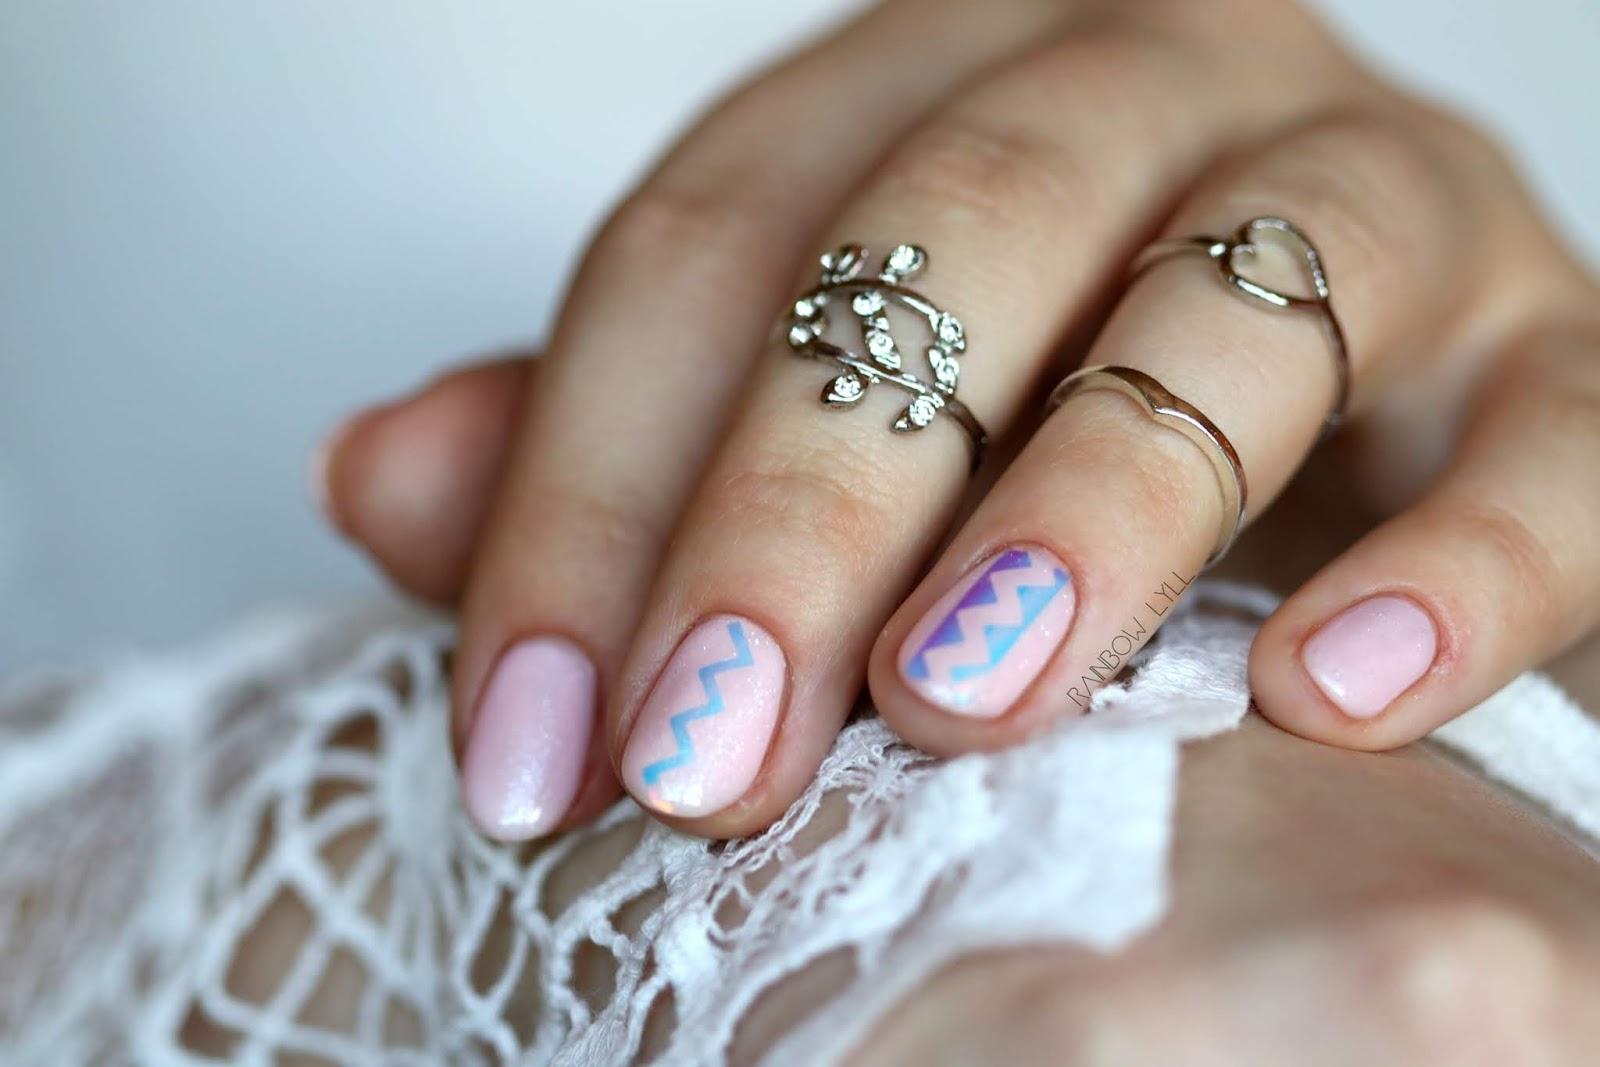 e02e39128dedfa ... gdy pomalowałam nim paznokcie to się w nim zakochałam. :) A gdy dodałam  naklejki to już w ogóle było cudeńko. :) A wszystko w oprawie ubrań od Zaful .